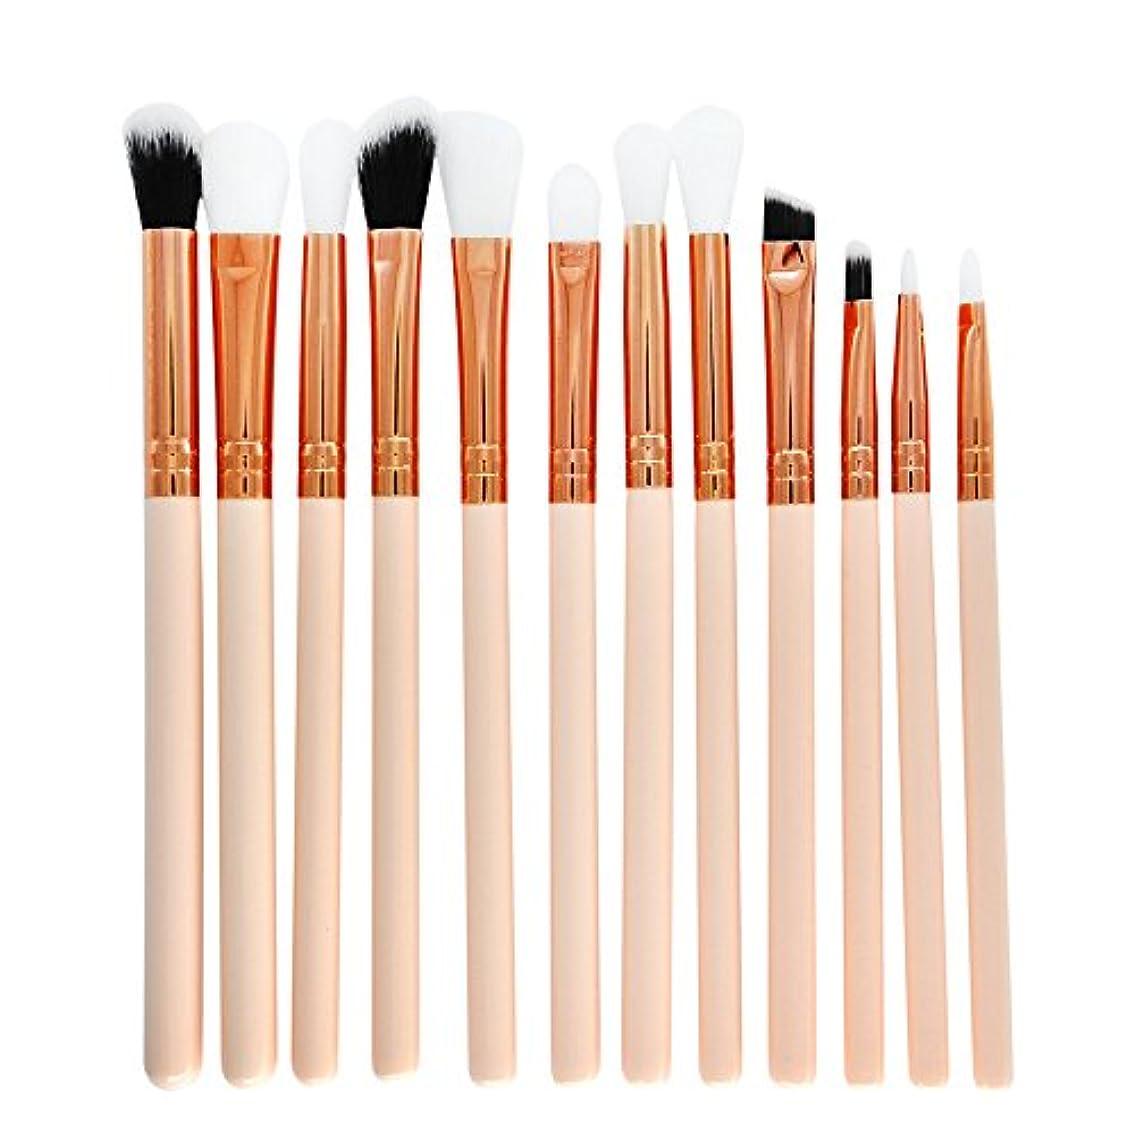 プレビューコンテスト見ました12 本セット化粧筆 | メイクアップブラシセット アイシャドウメイクブラシ| コスメチック化粧ブラシキットビューティーツール (ホワイト)